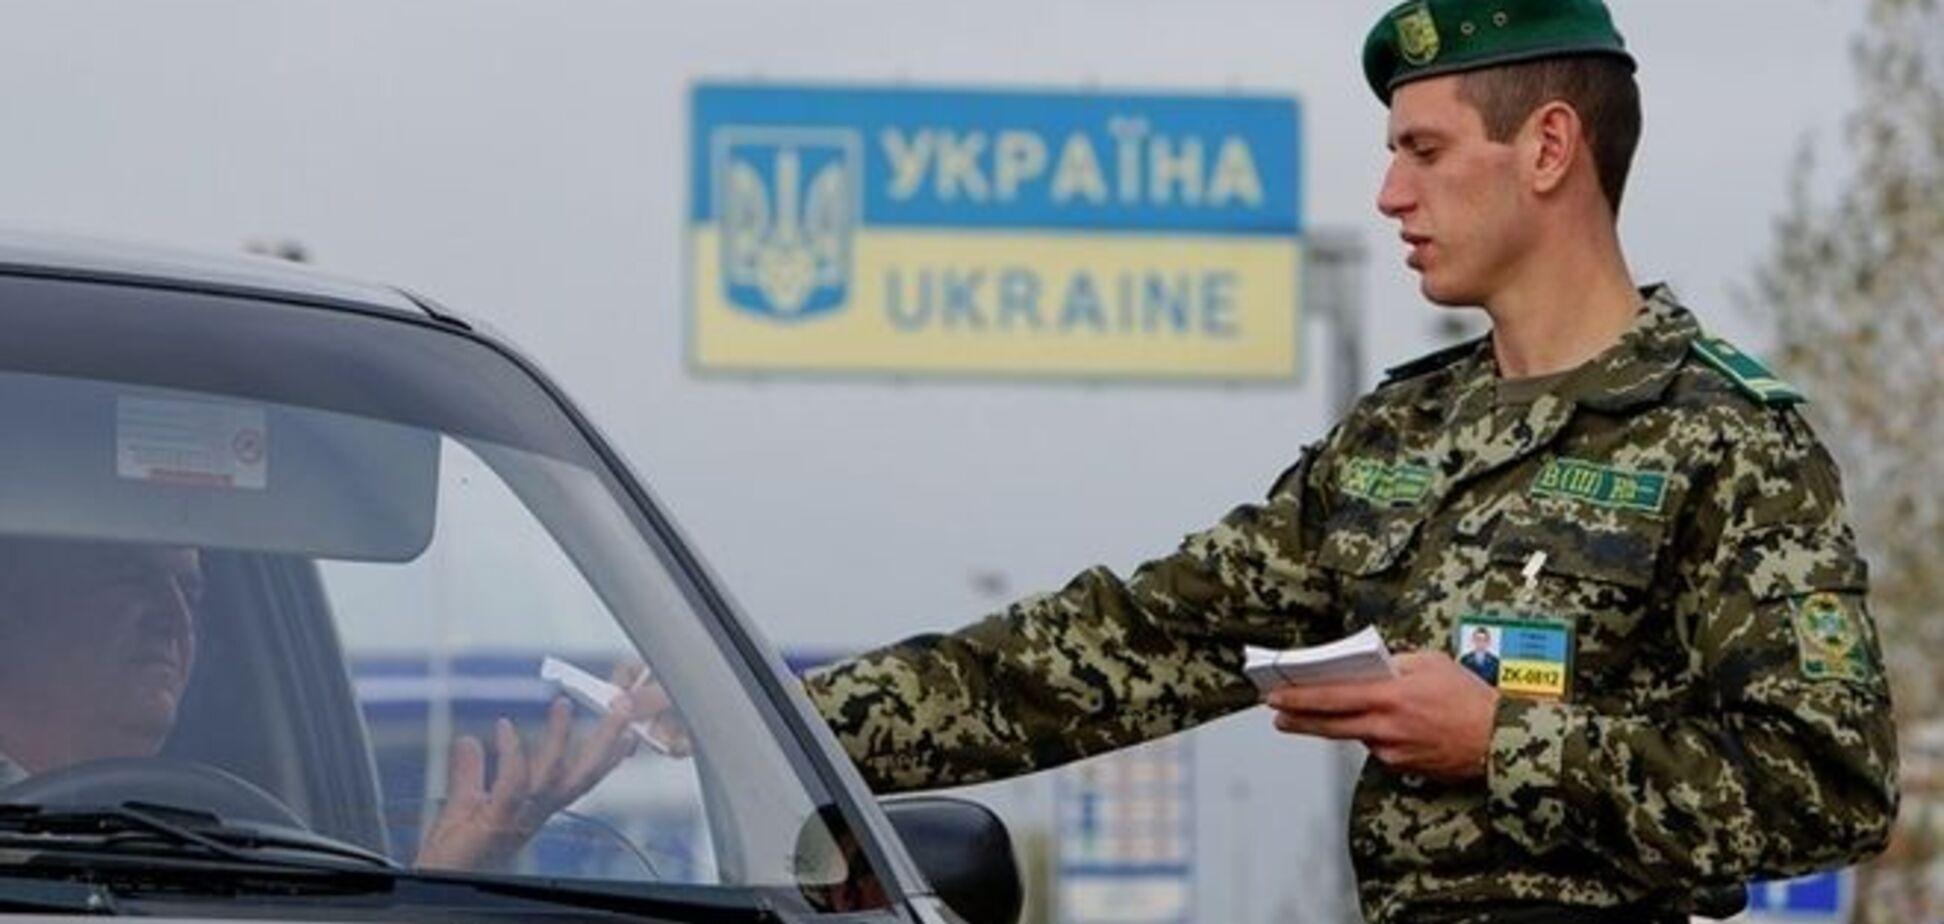 'ДНР' может оказаться в полной блокаде уже в ближайшие дни